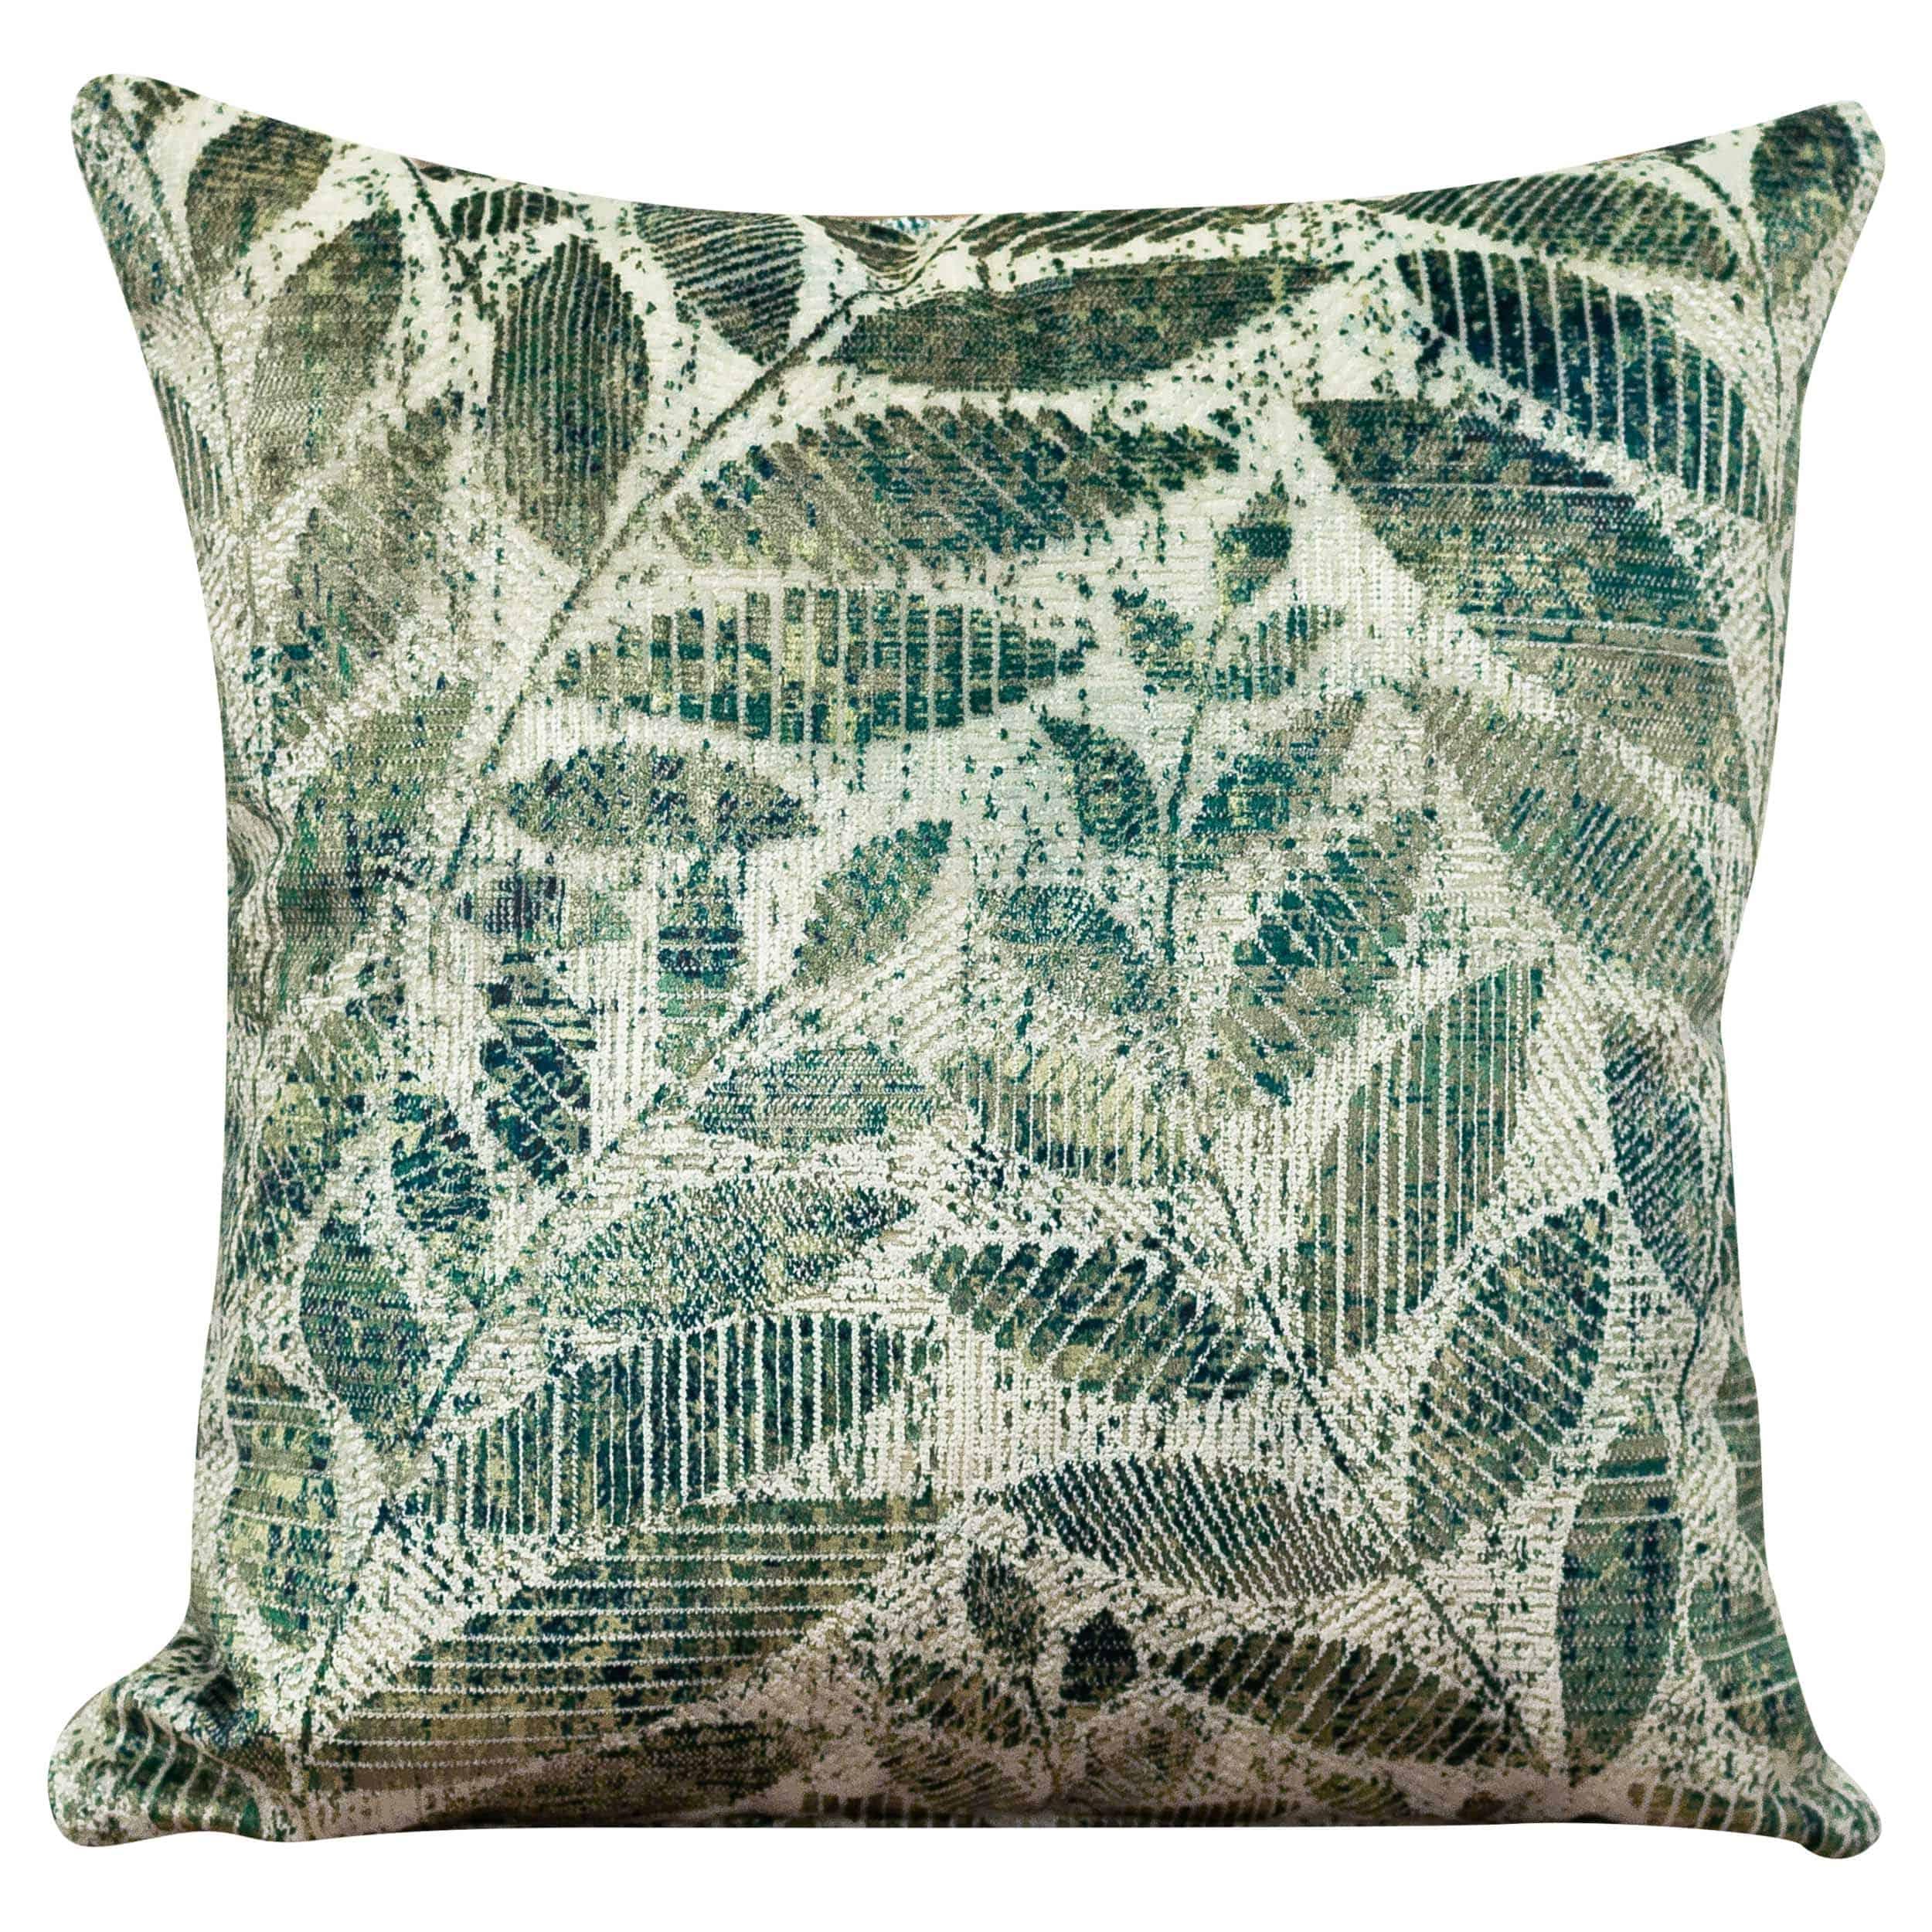 Trailing Leaf Velvet Chenille Cushion in Jade Green